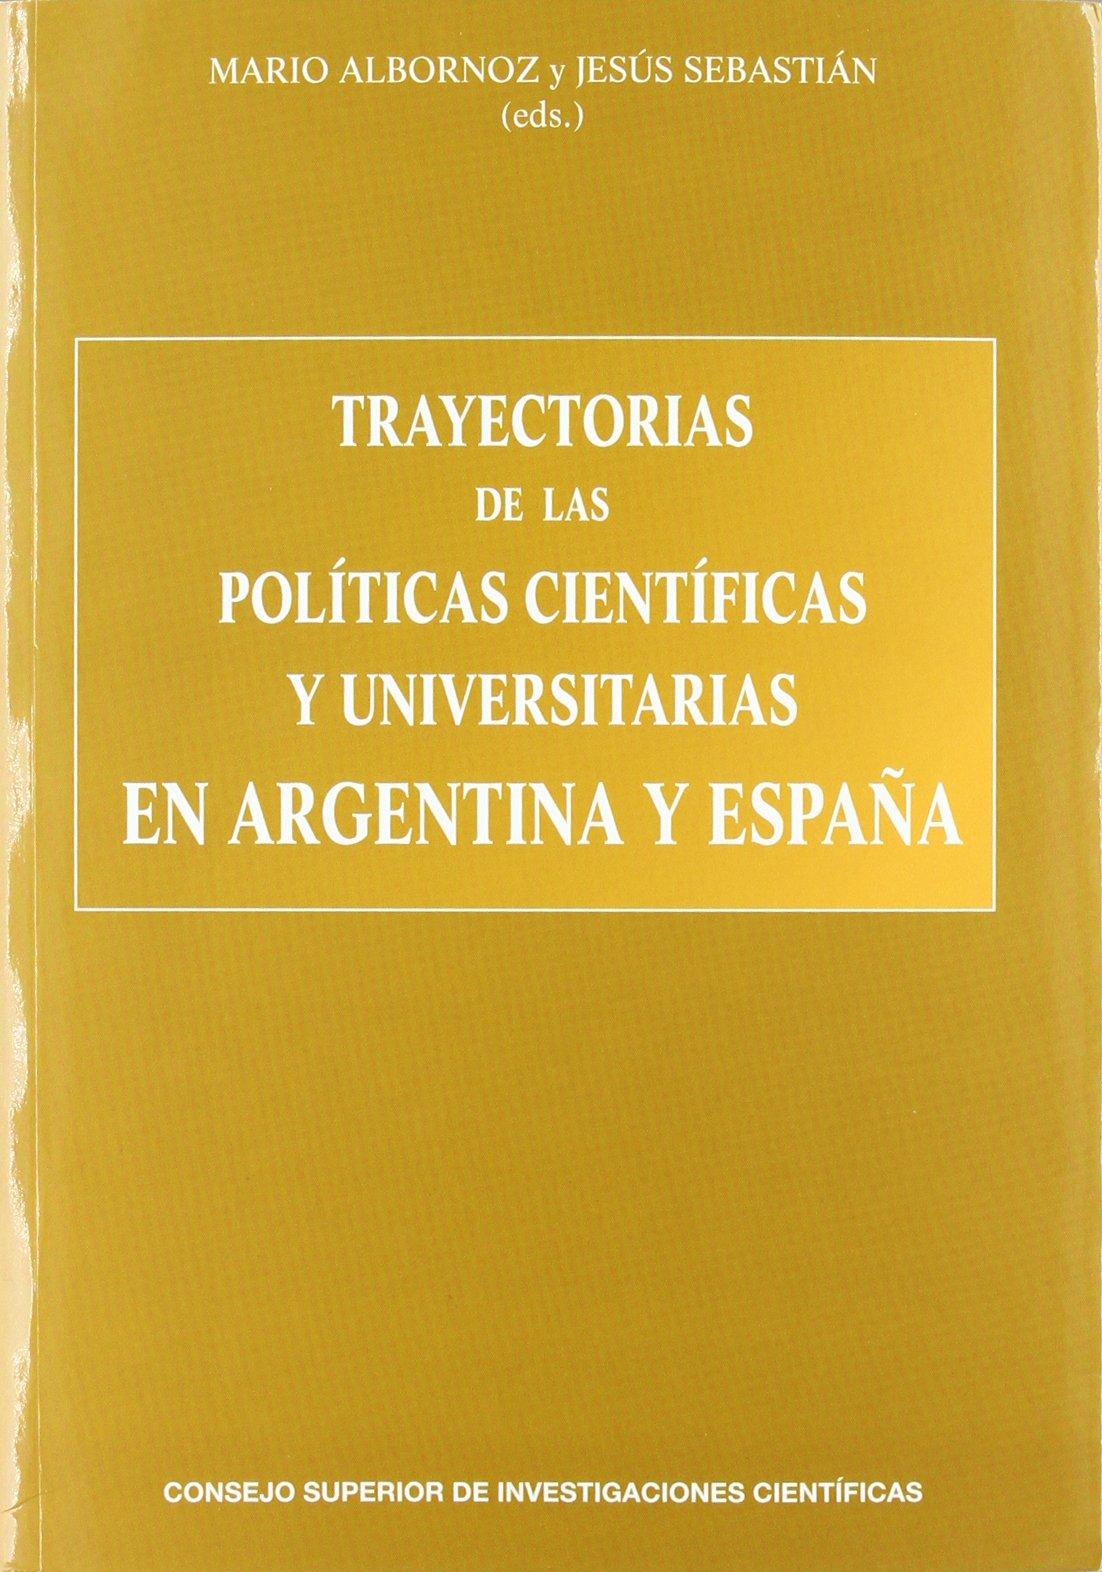 Trayectorias de las políticas científicas y universitarias en Argentina y España: Amazon.es: Albornoz Díez-Rodríguez (ed.), Mario, Sebastián Audina (ed.), Jesús: Libros